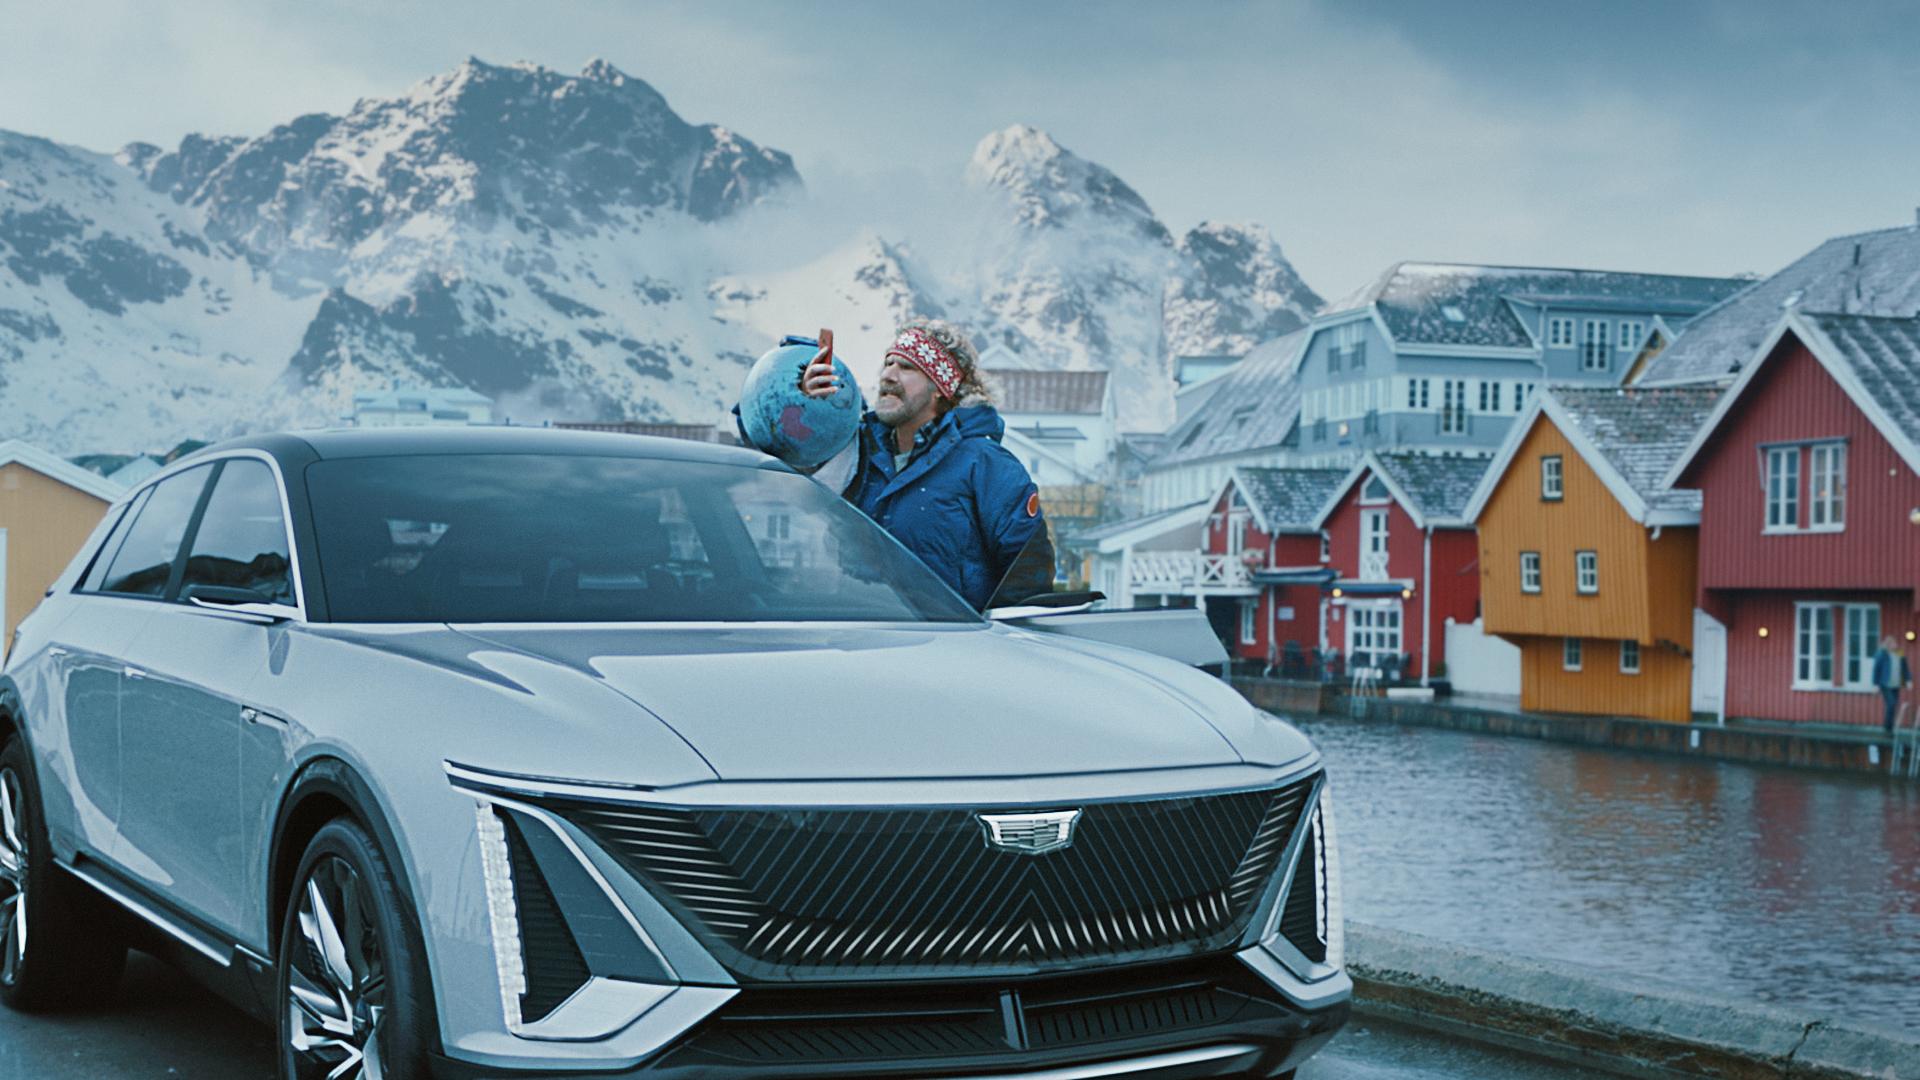 No Way, Norway - Will Ferrell im epischen GM SuperBowl Spot | Elektromobilität Galore